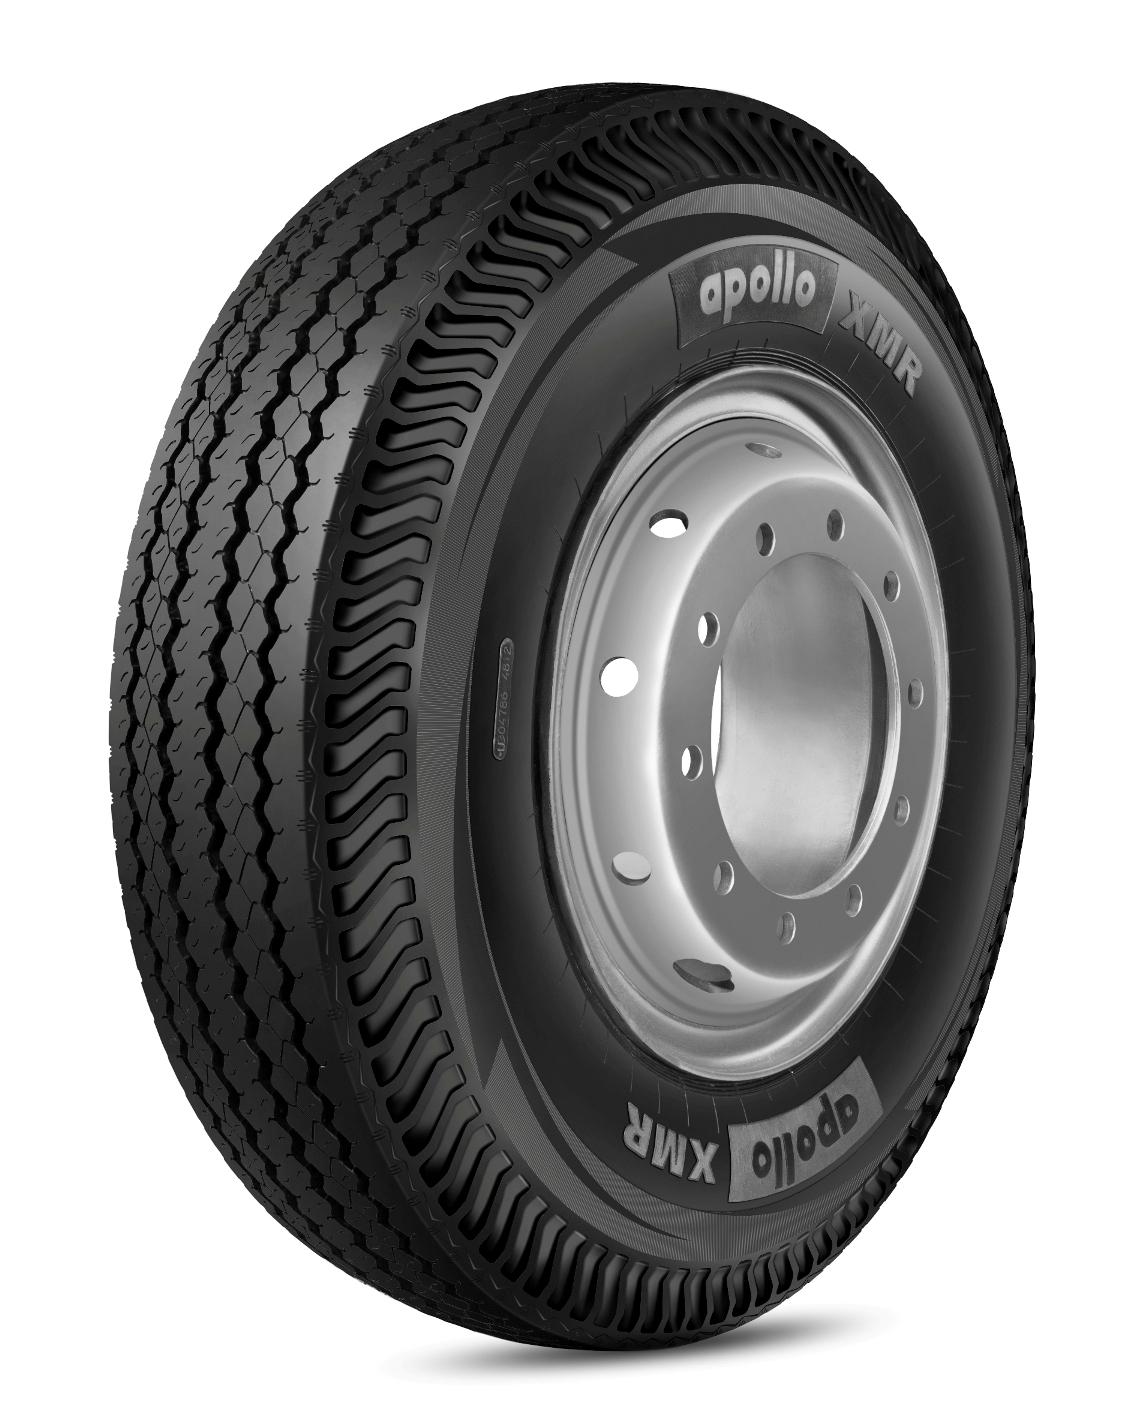 Apollo launches uniform bias commercial tire